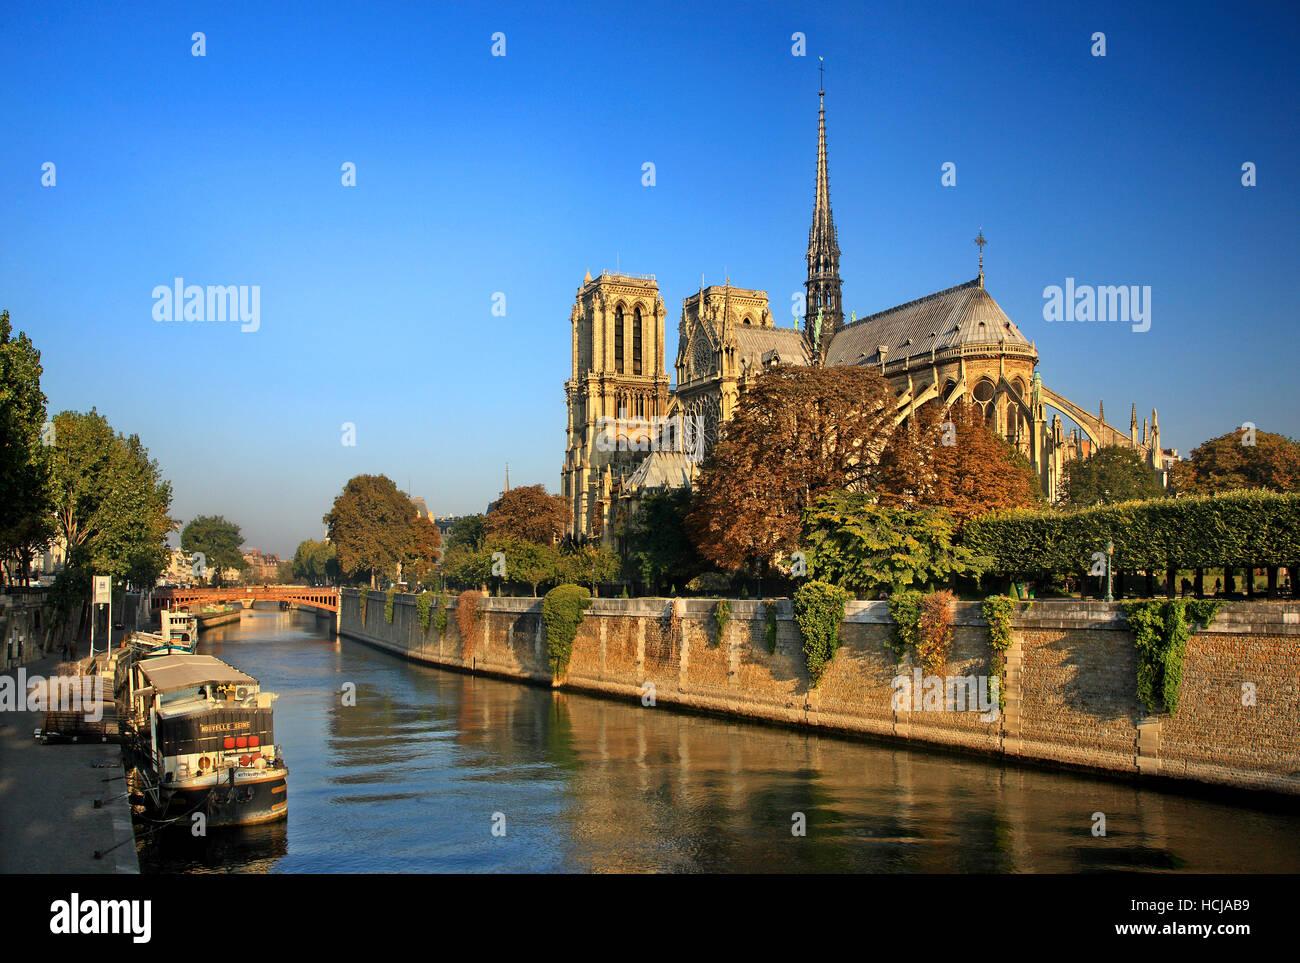 Die Kathedrale Notre Dame auf Île De La Cité, eine der Inseln in Seineufer, Paris, Frankreich. Stockbild